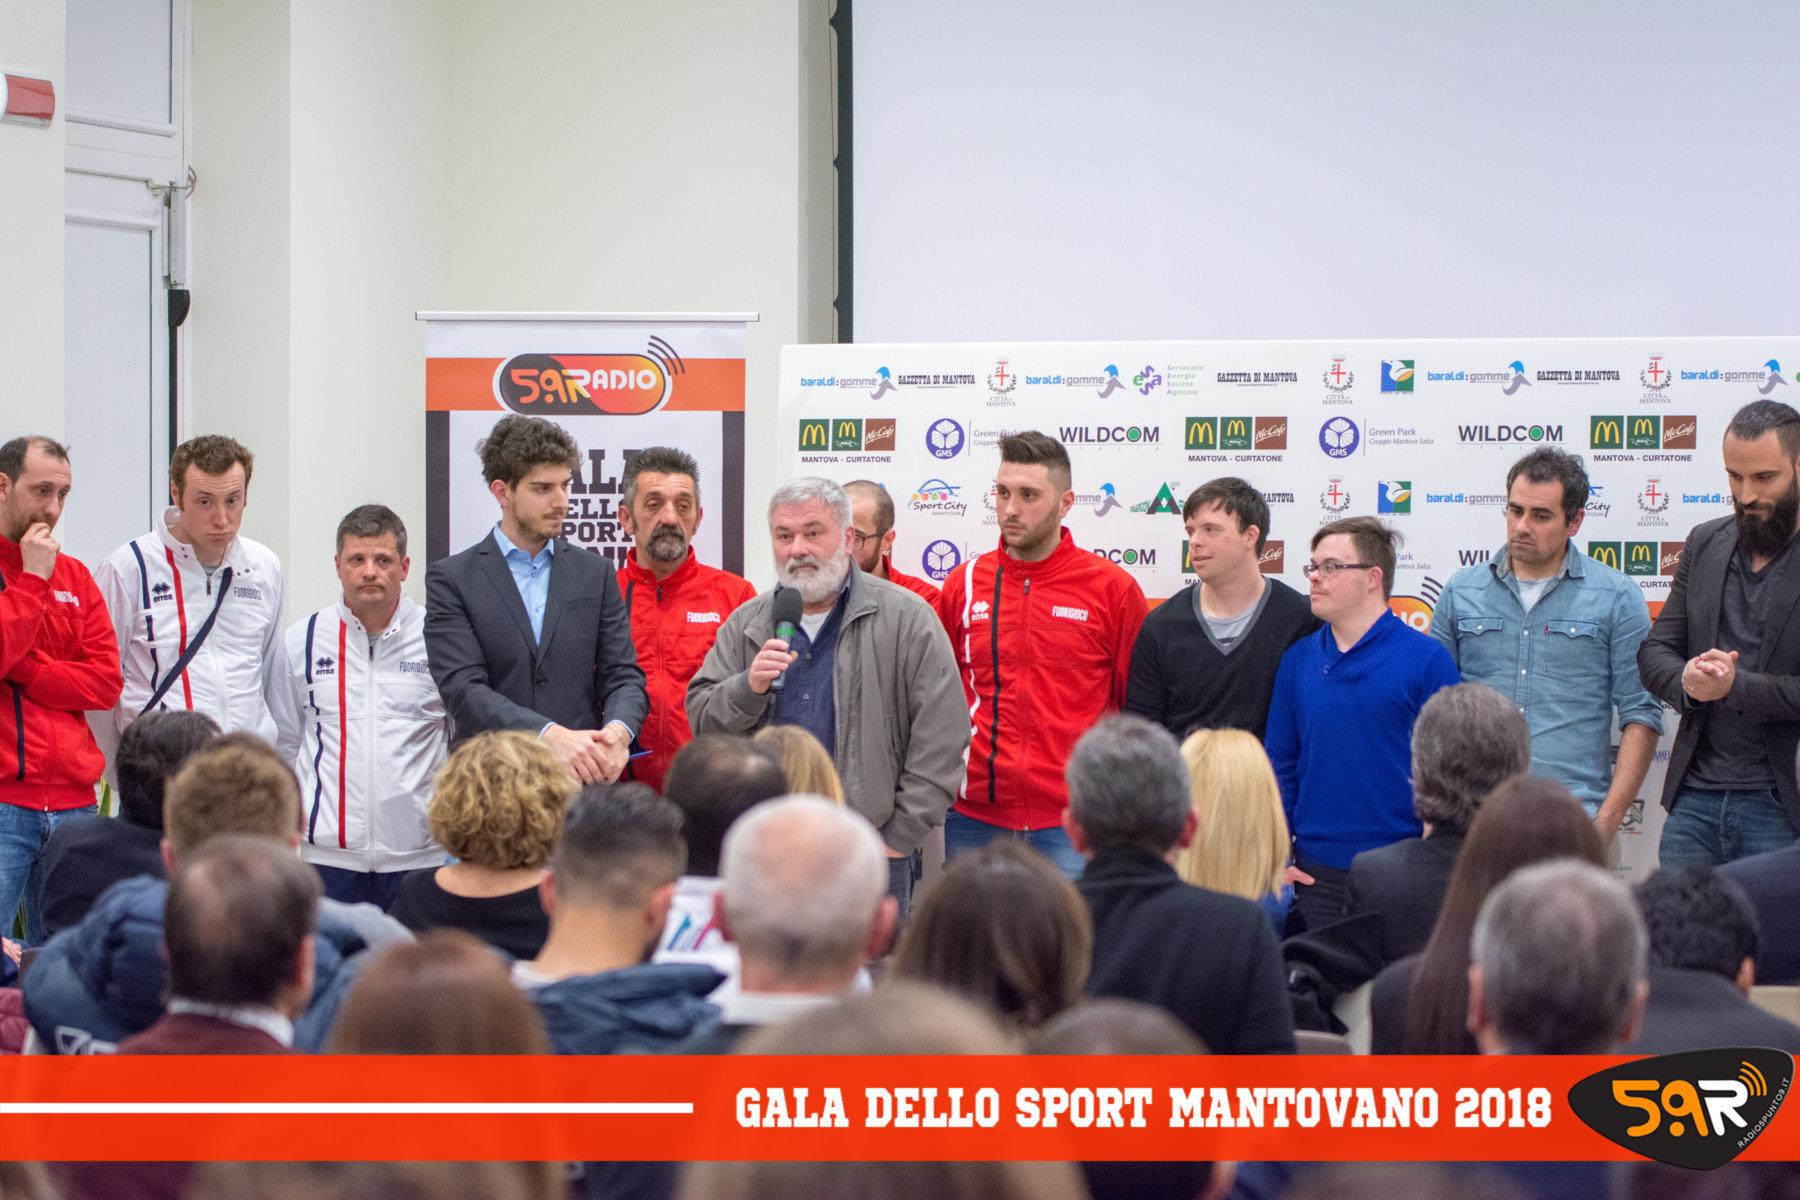 Gala dello Sport Mantovano 2018 Web Radio 5 (78)